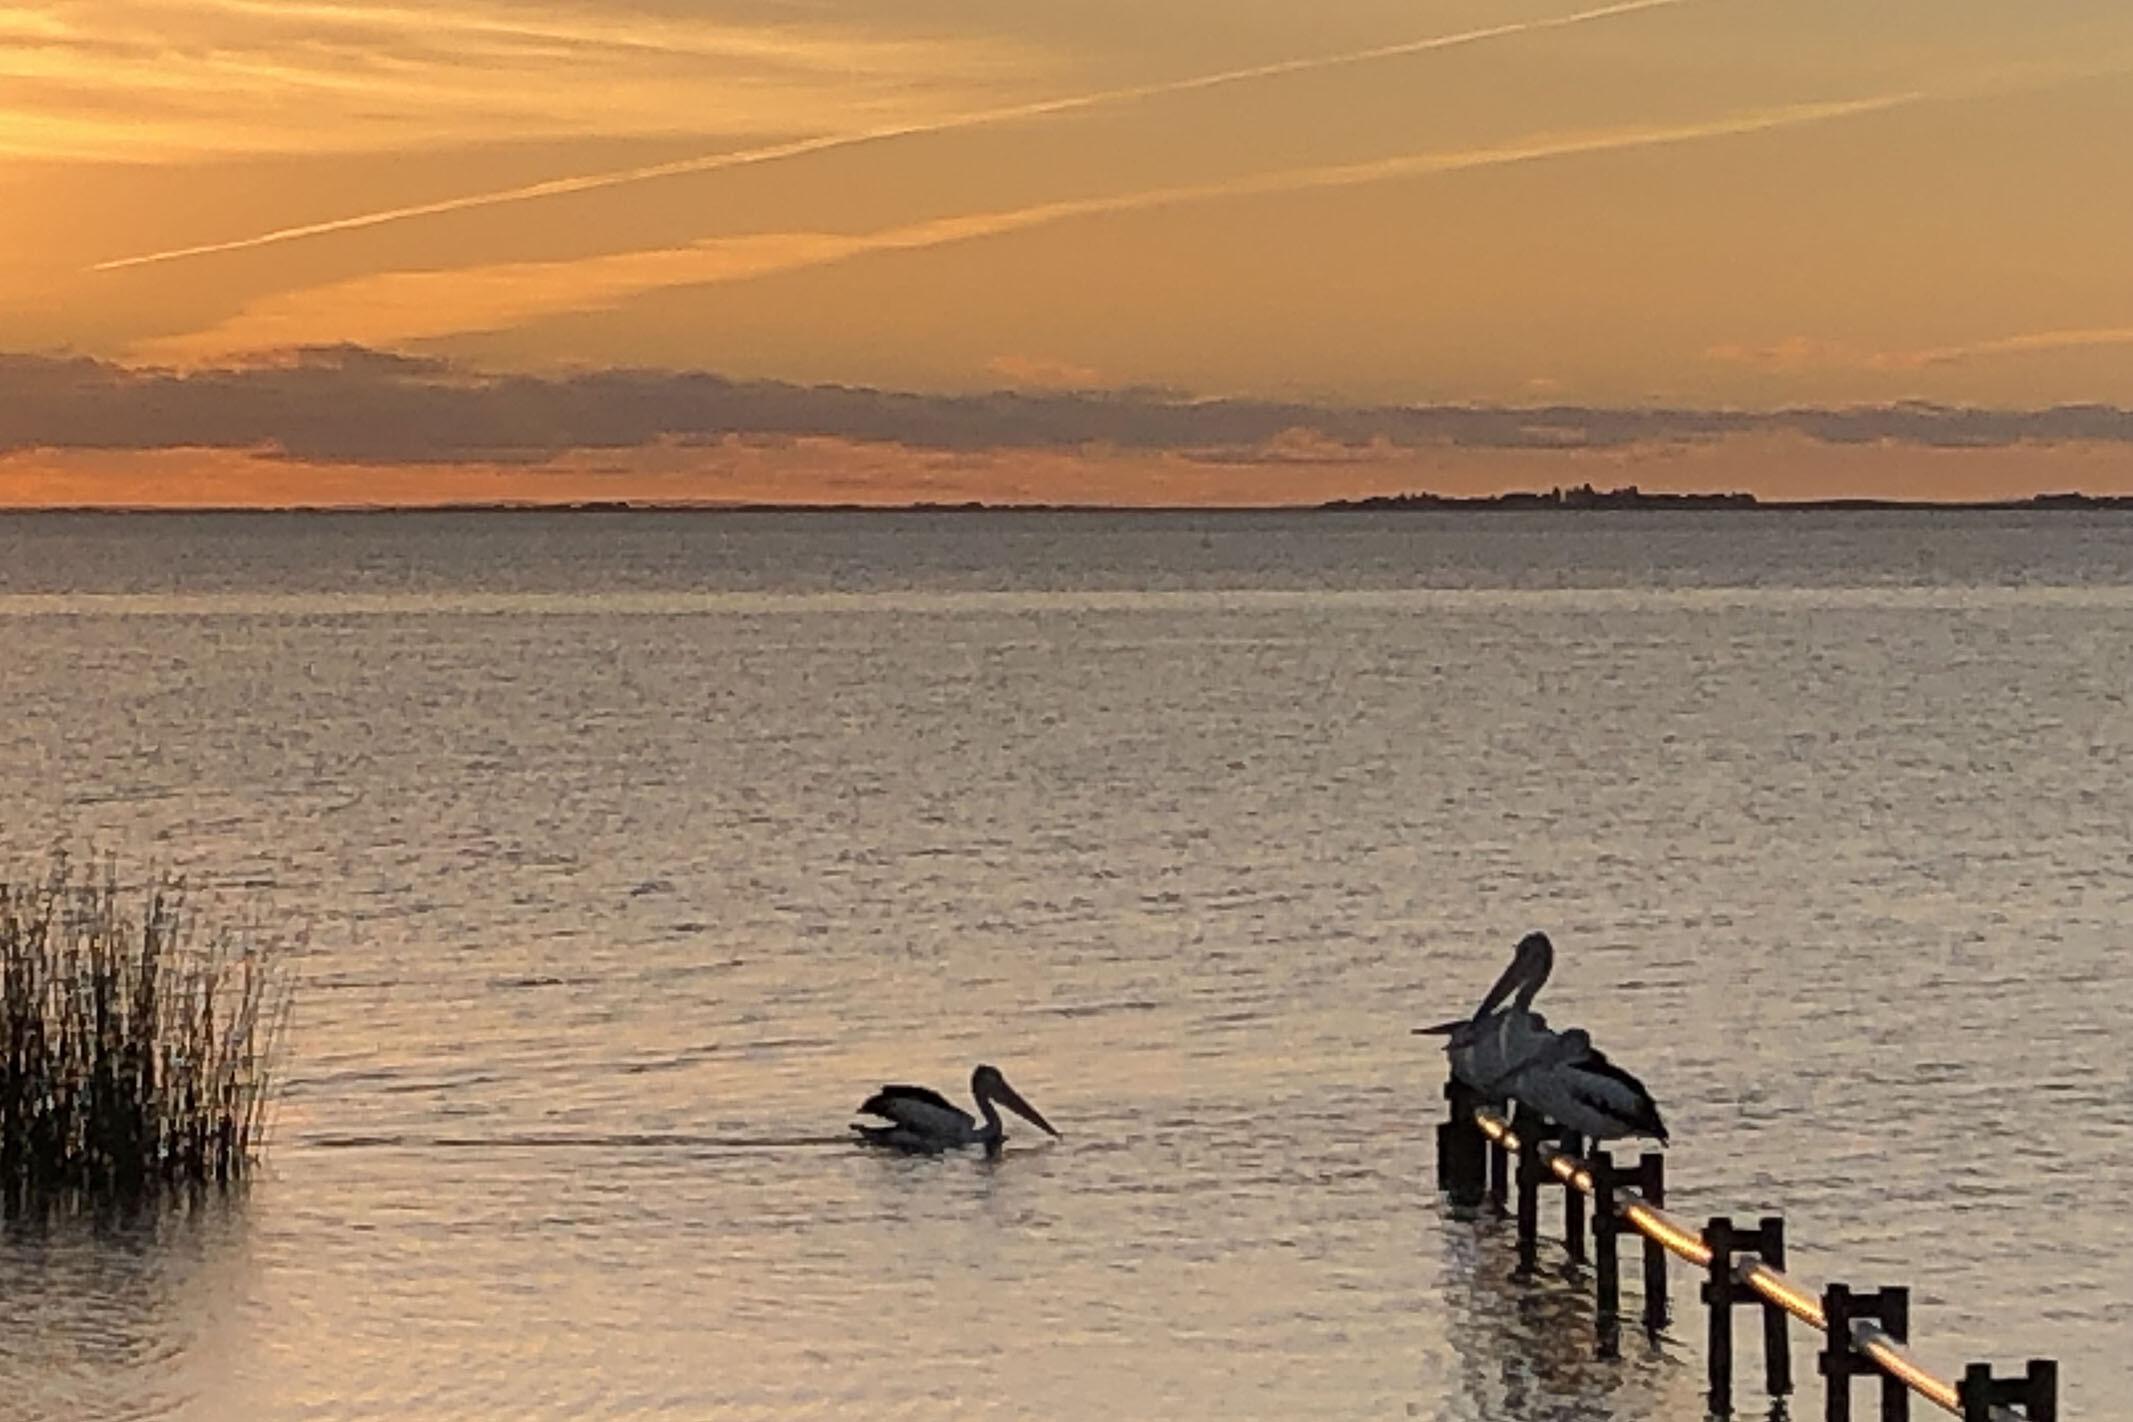 Meningie pelicans